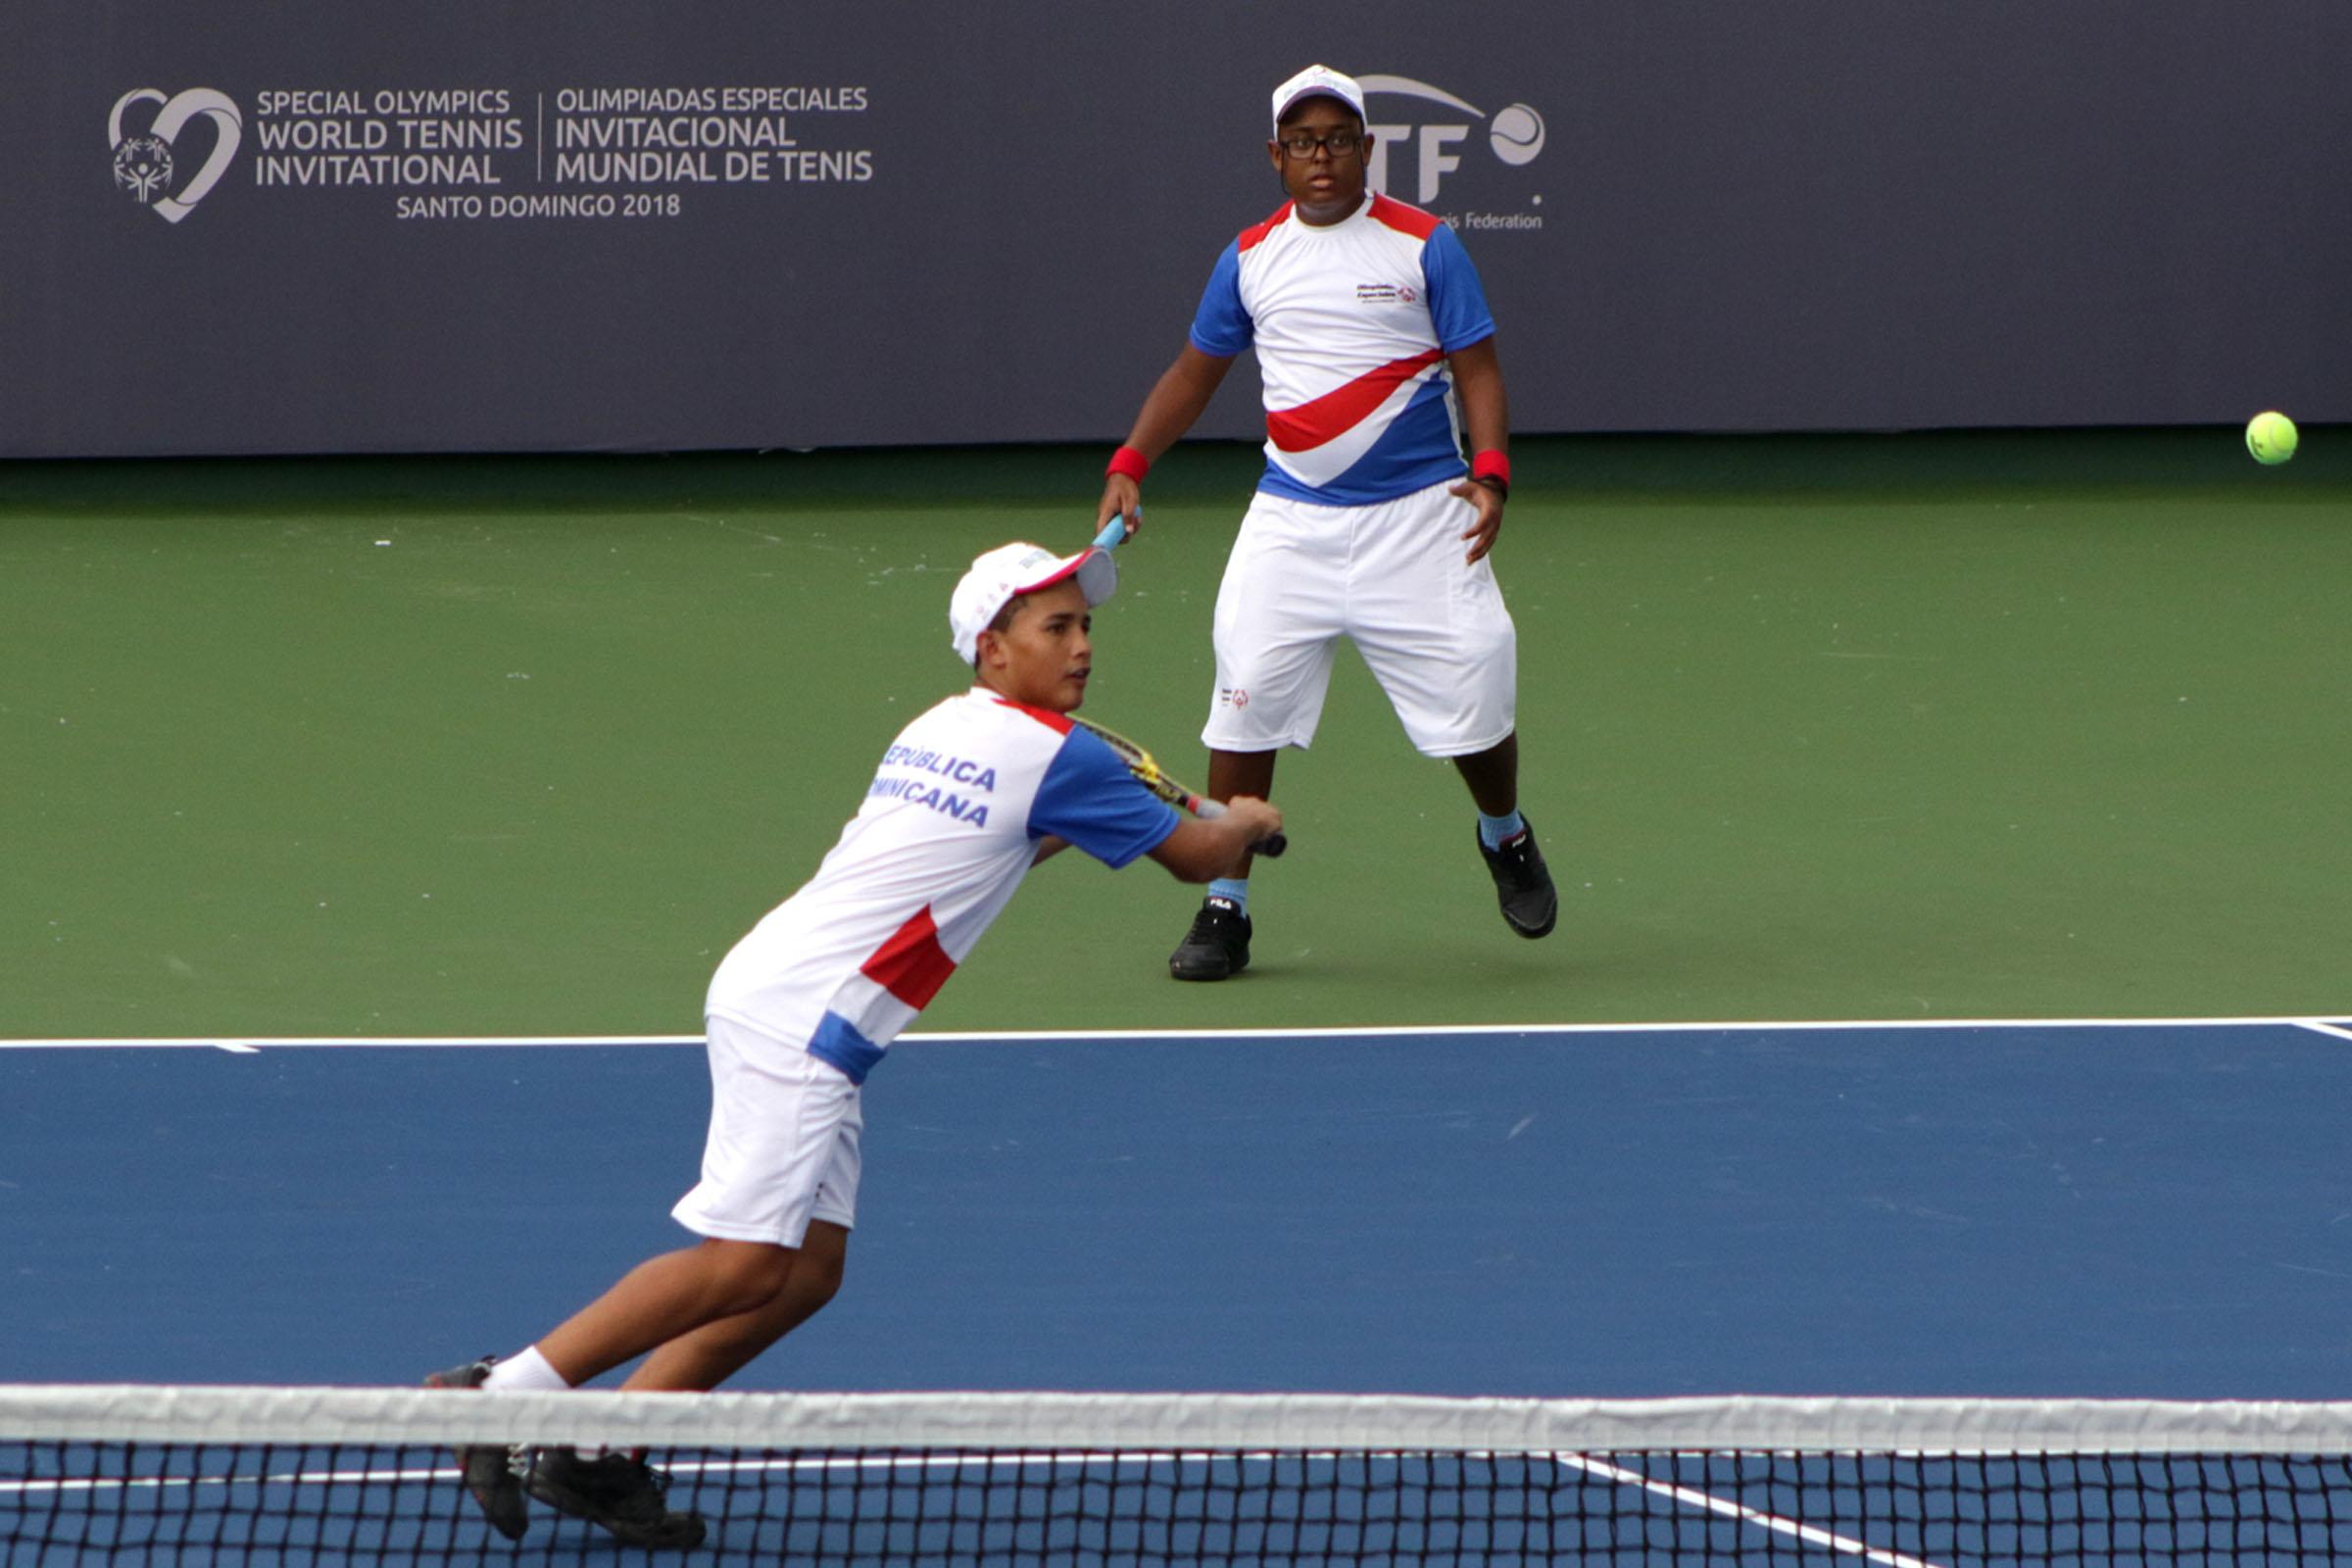 RD agregó dos medallas de Oro en el Invitacional Mundial de Tenis de Olimpiadas Especiales